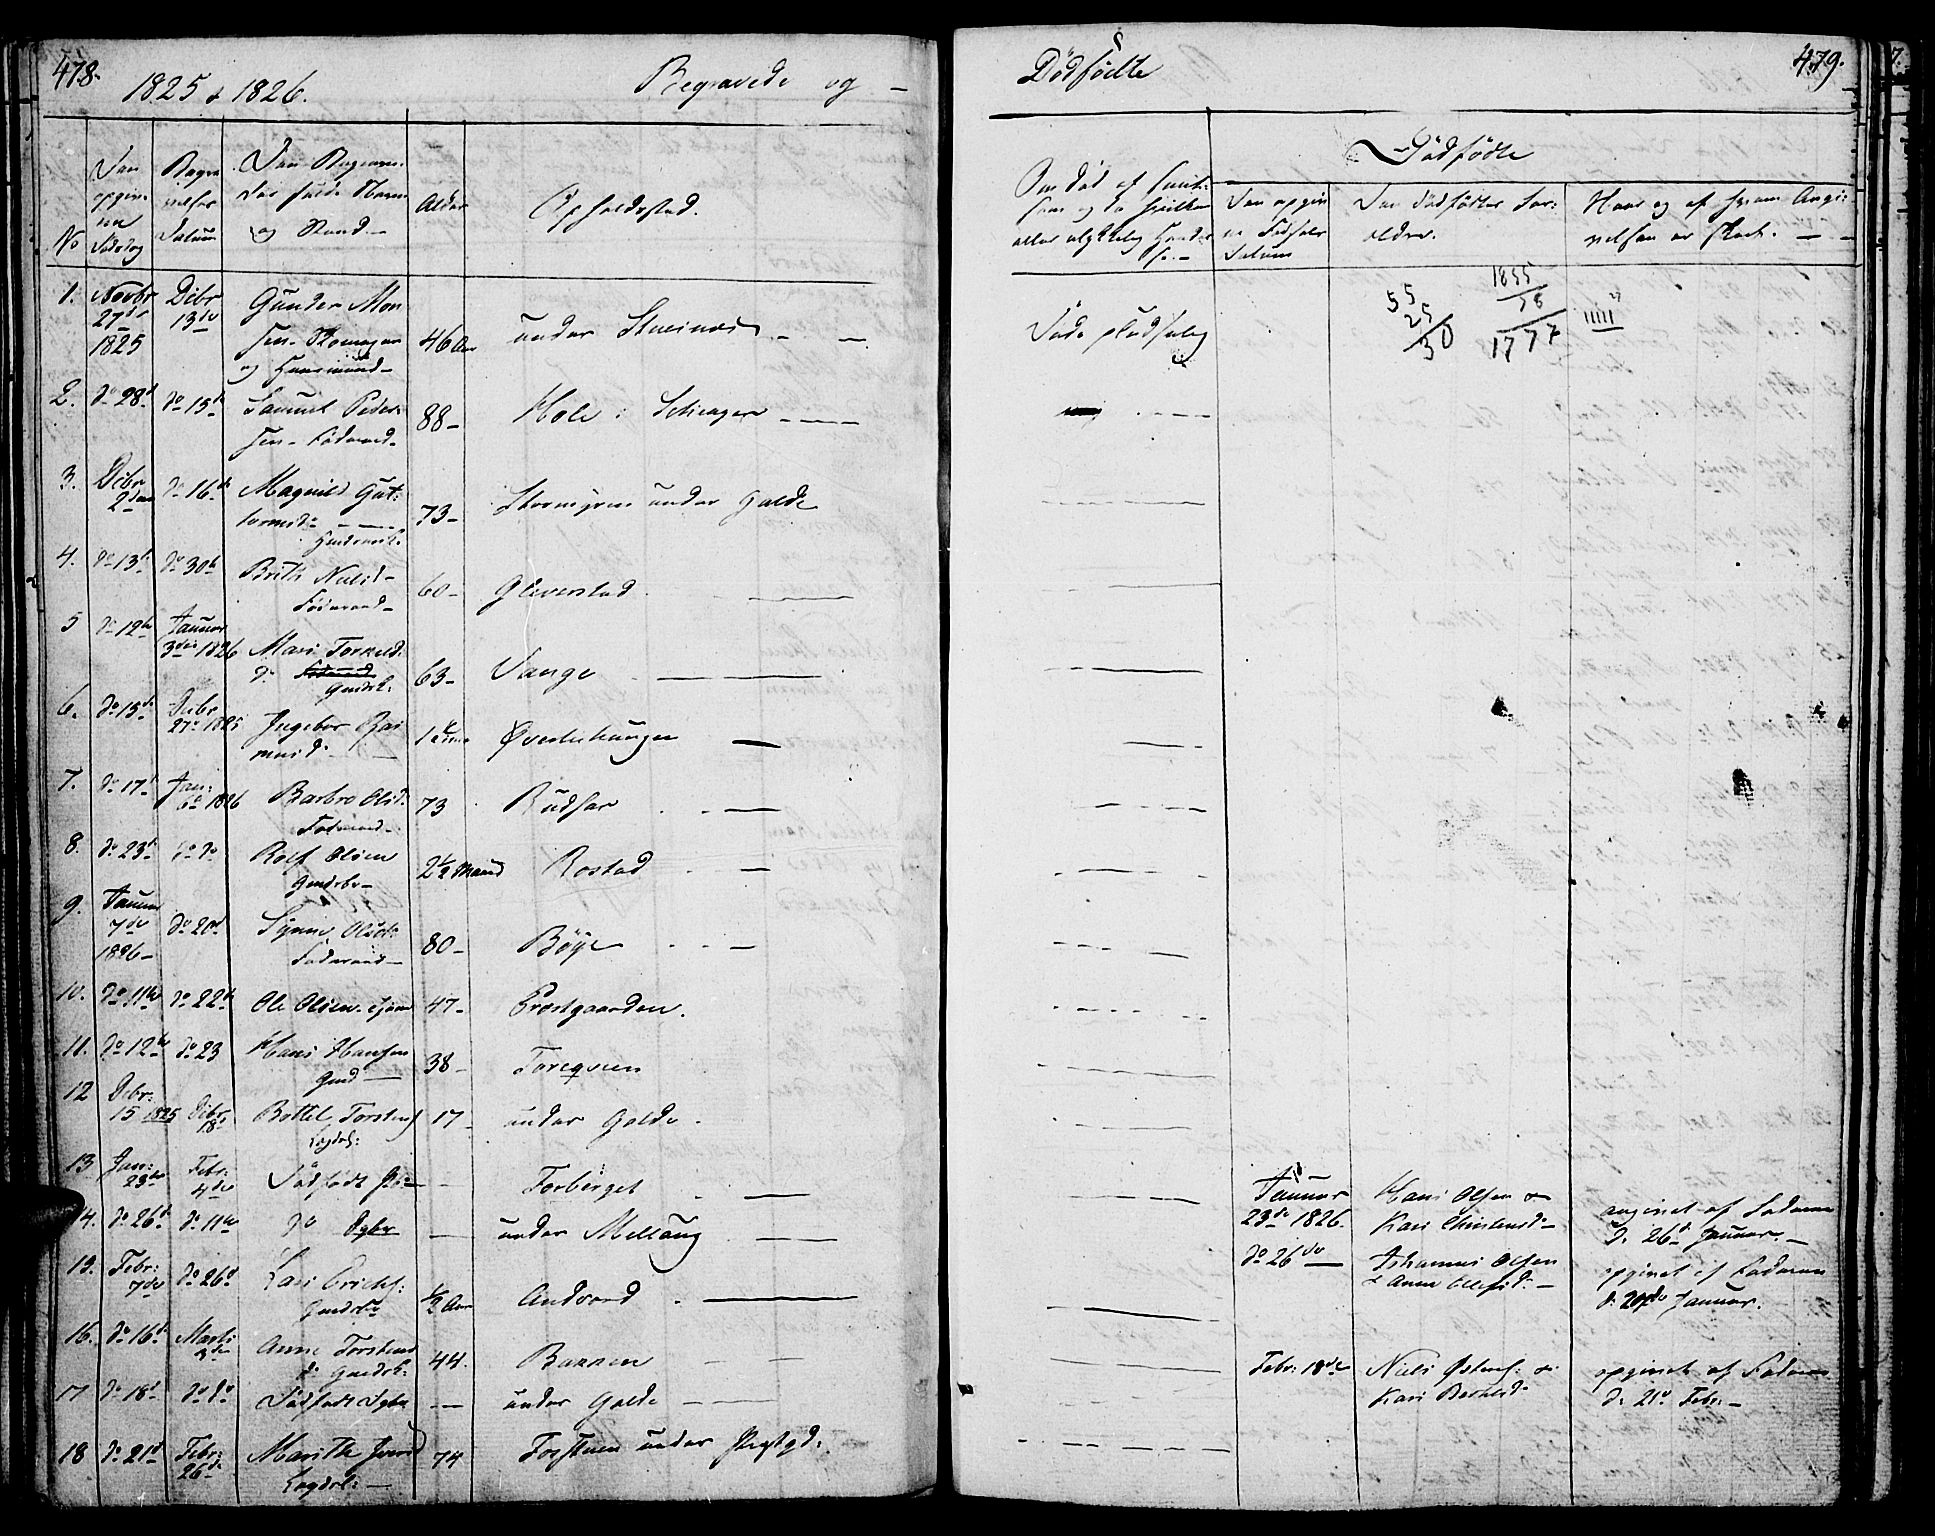 SAH, Lom prestekontor, K/L0005: Ministerialbok nr. 5, 1825-1837, s. 478-479